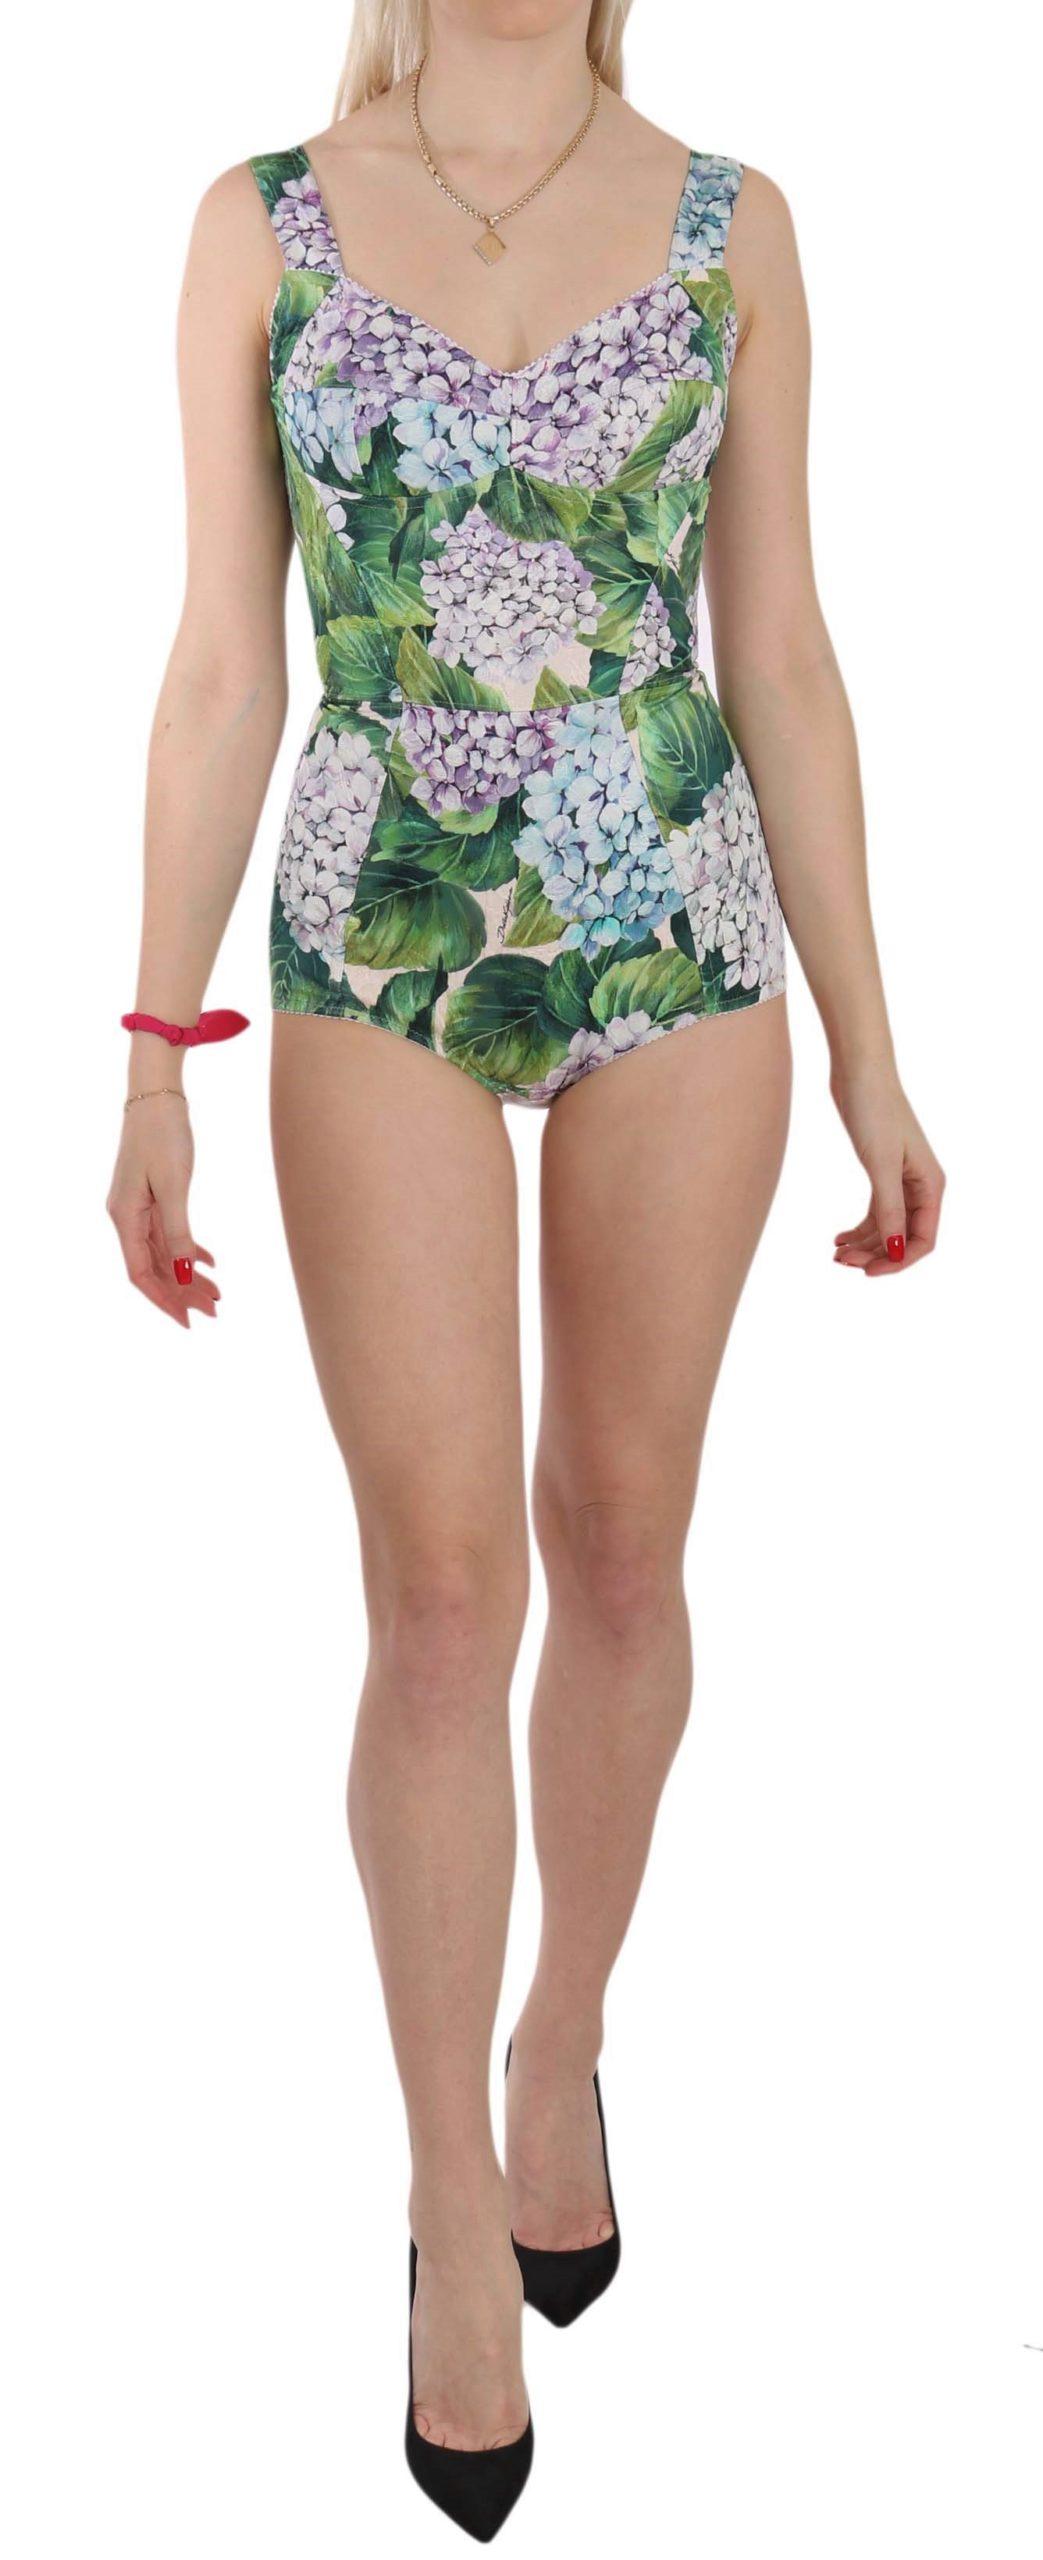 Dolce & Gabbana Women's Romper Hortensia Stretch Dress Multicolor TSH2977 - IT36 | XS